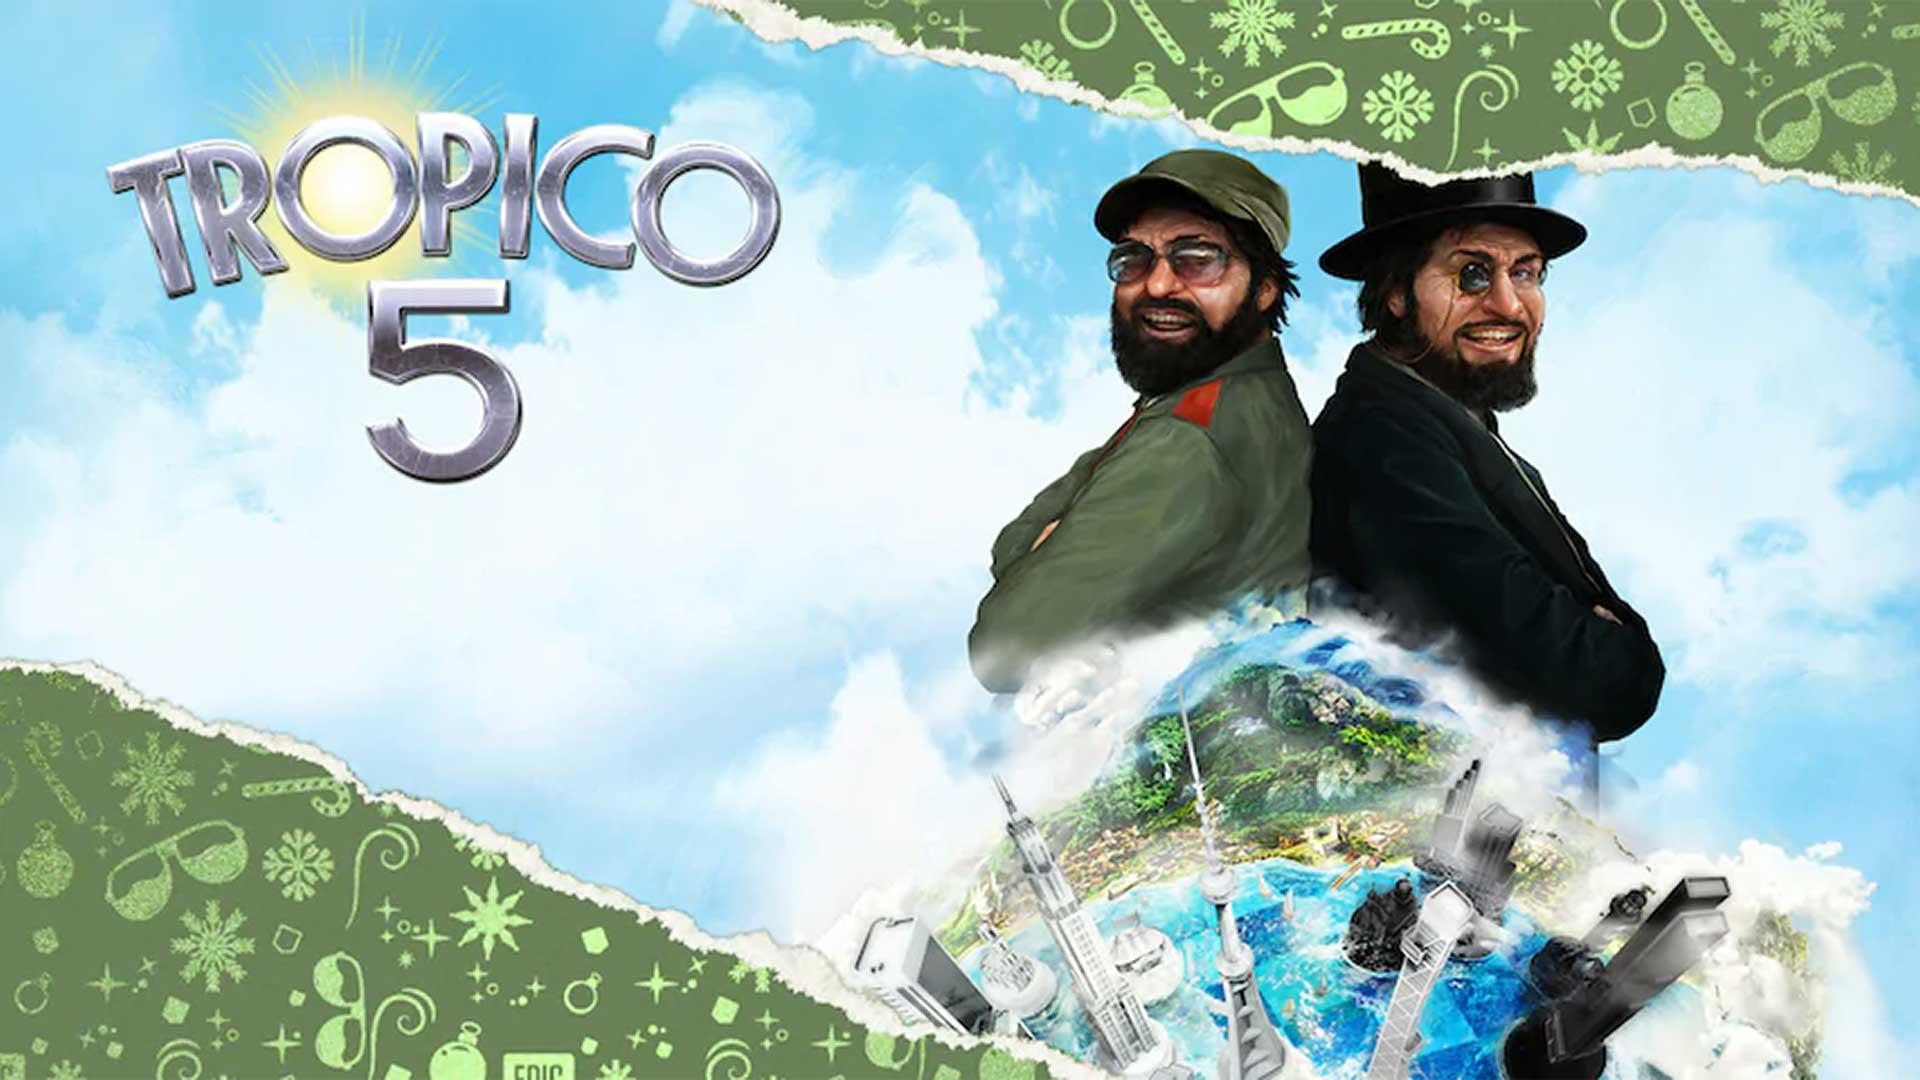 tropico 5 egs free game